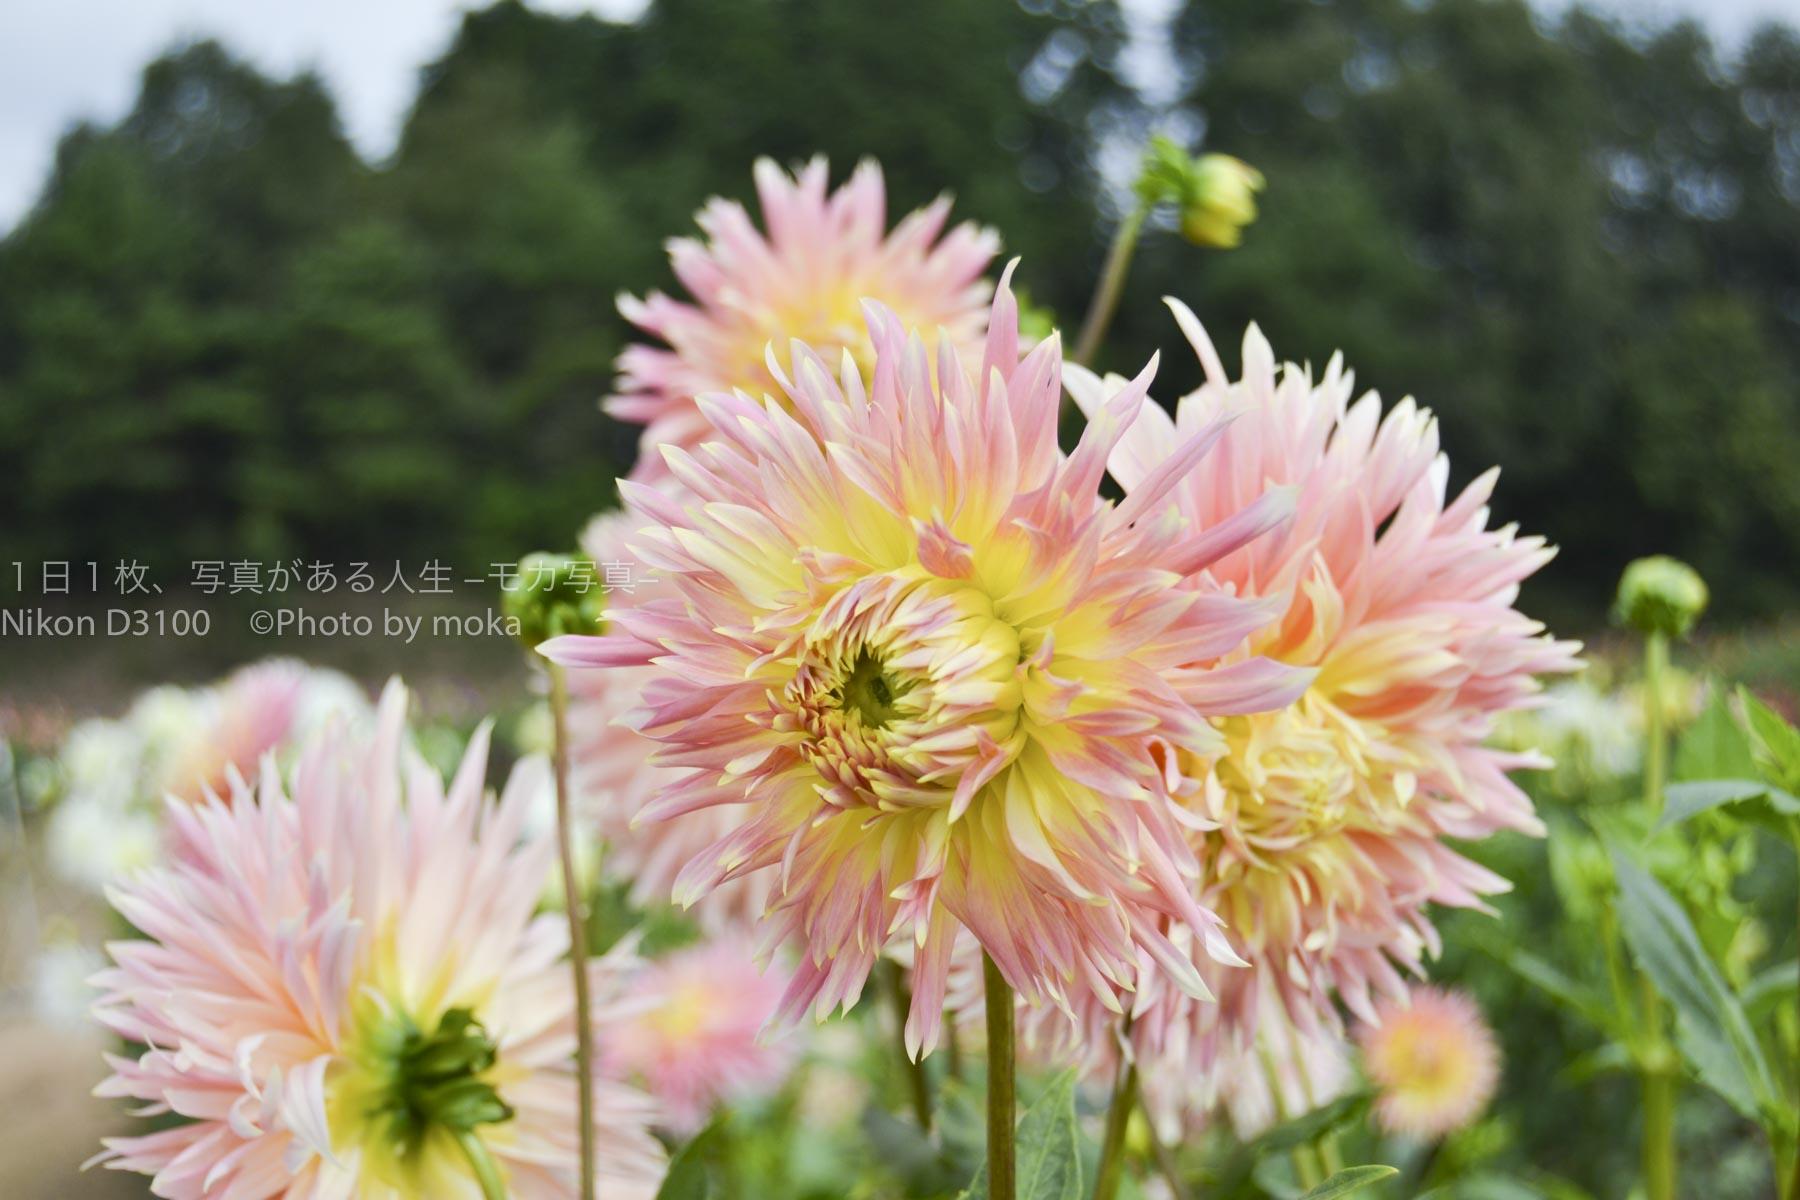 【広島観光におすすめ】世羅高原のダリアとガーデンマム祭り